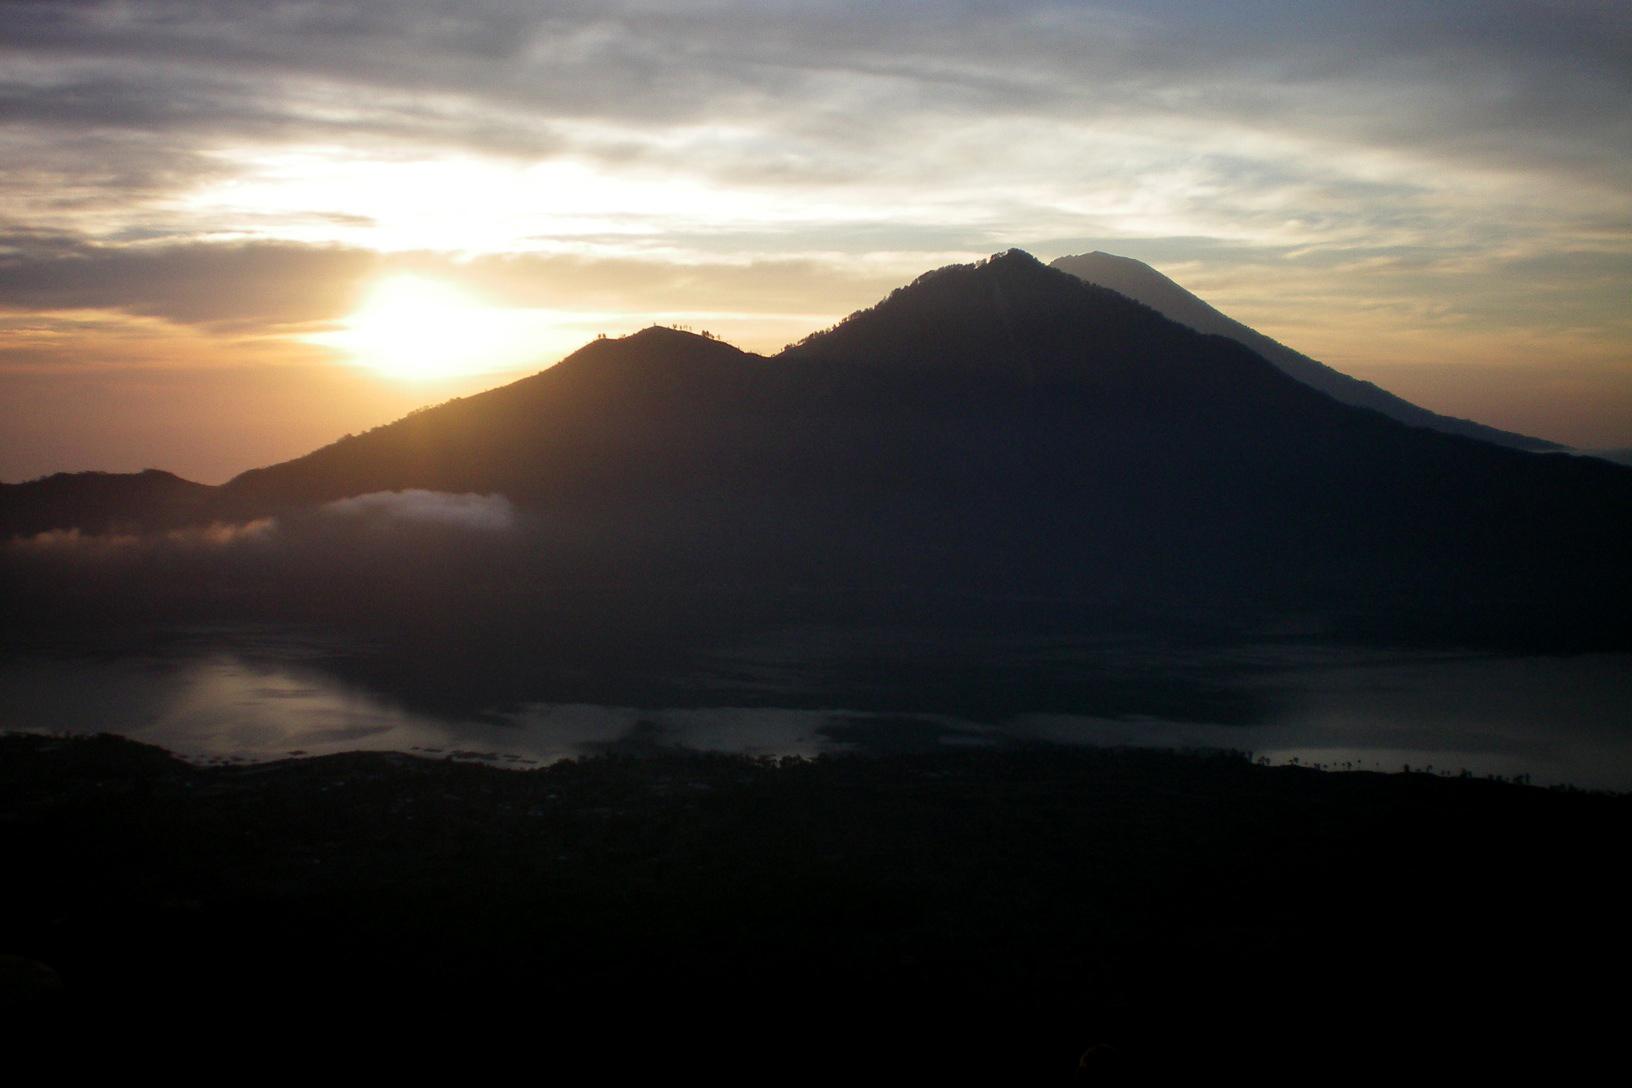 Vulkan Sonnenaufgang